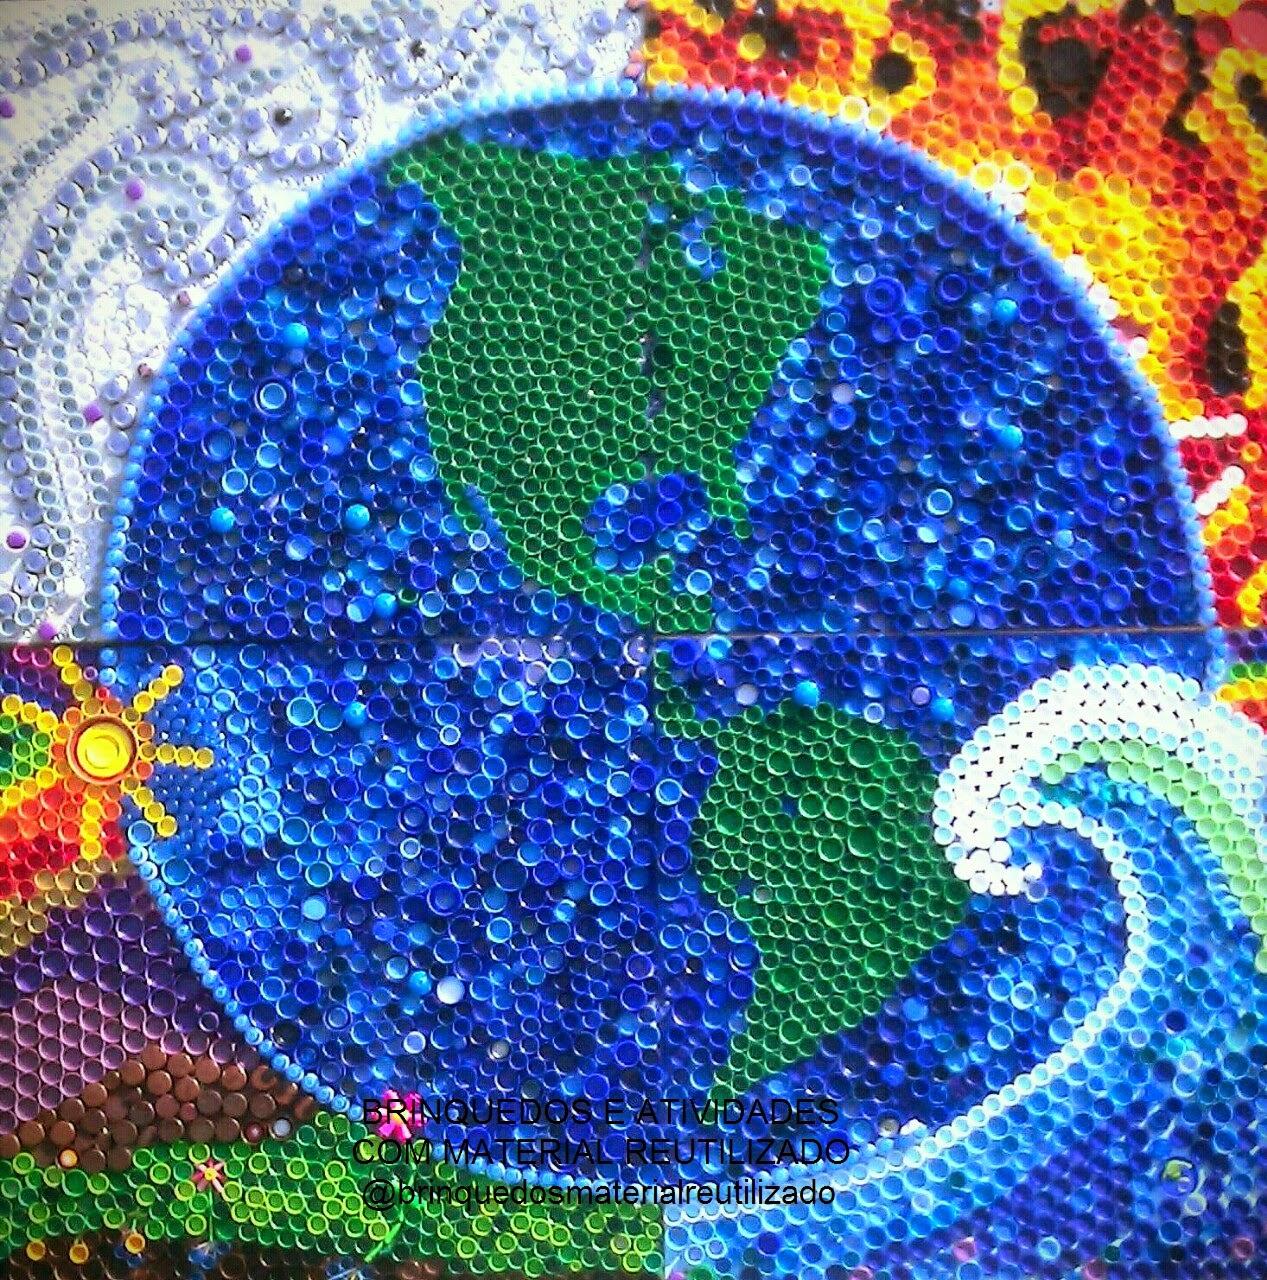 Brincadeira sustent vel mosaico com tampinhas de garrafas pet for El mural de mosaicos